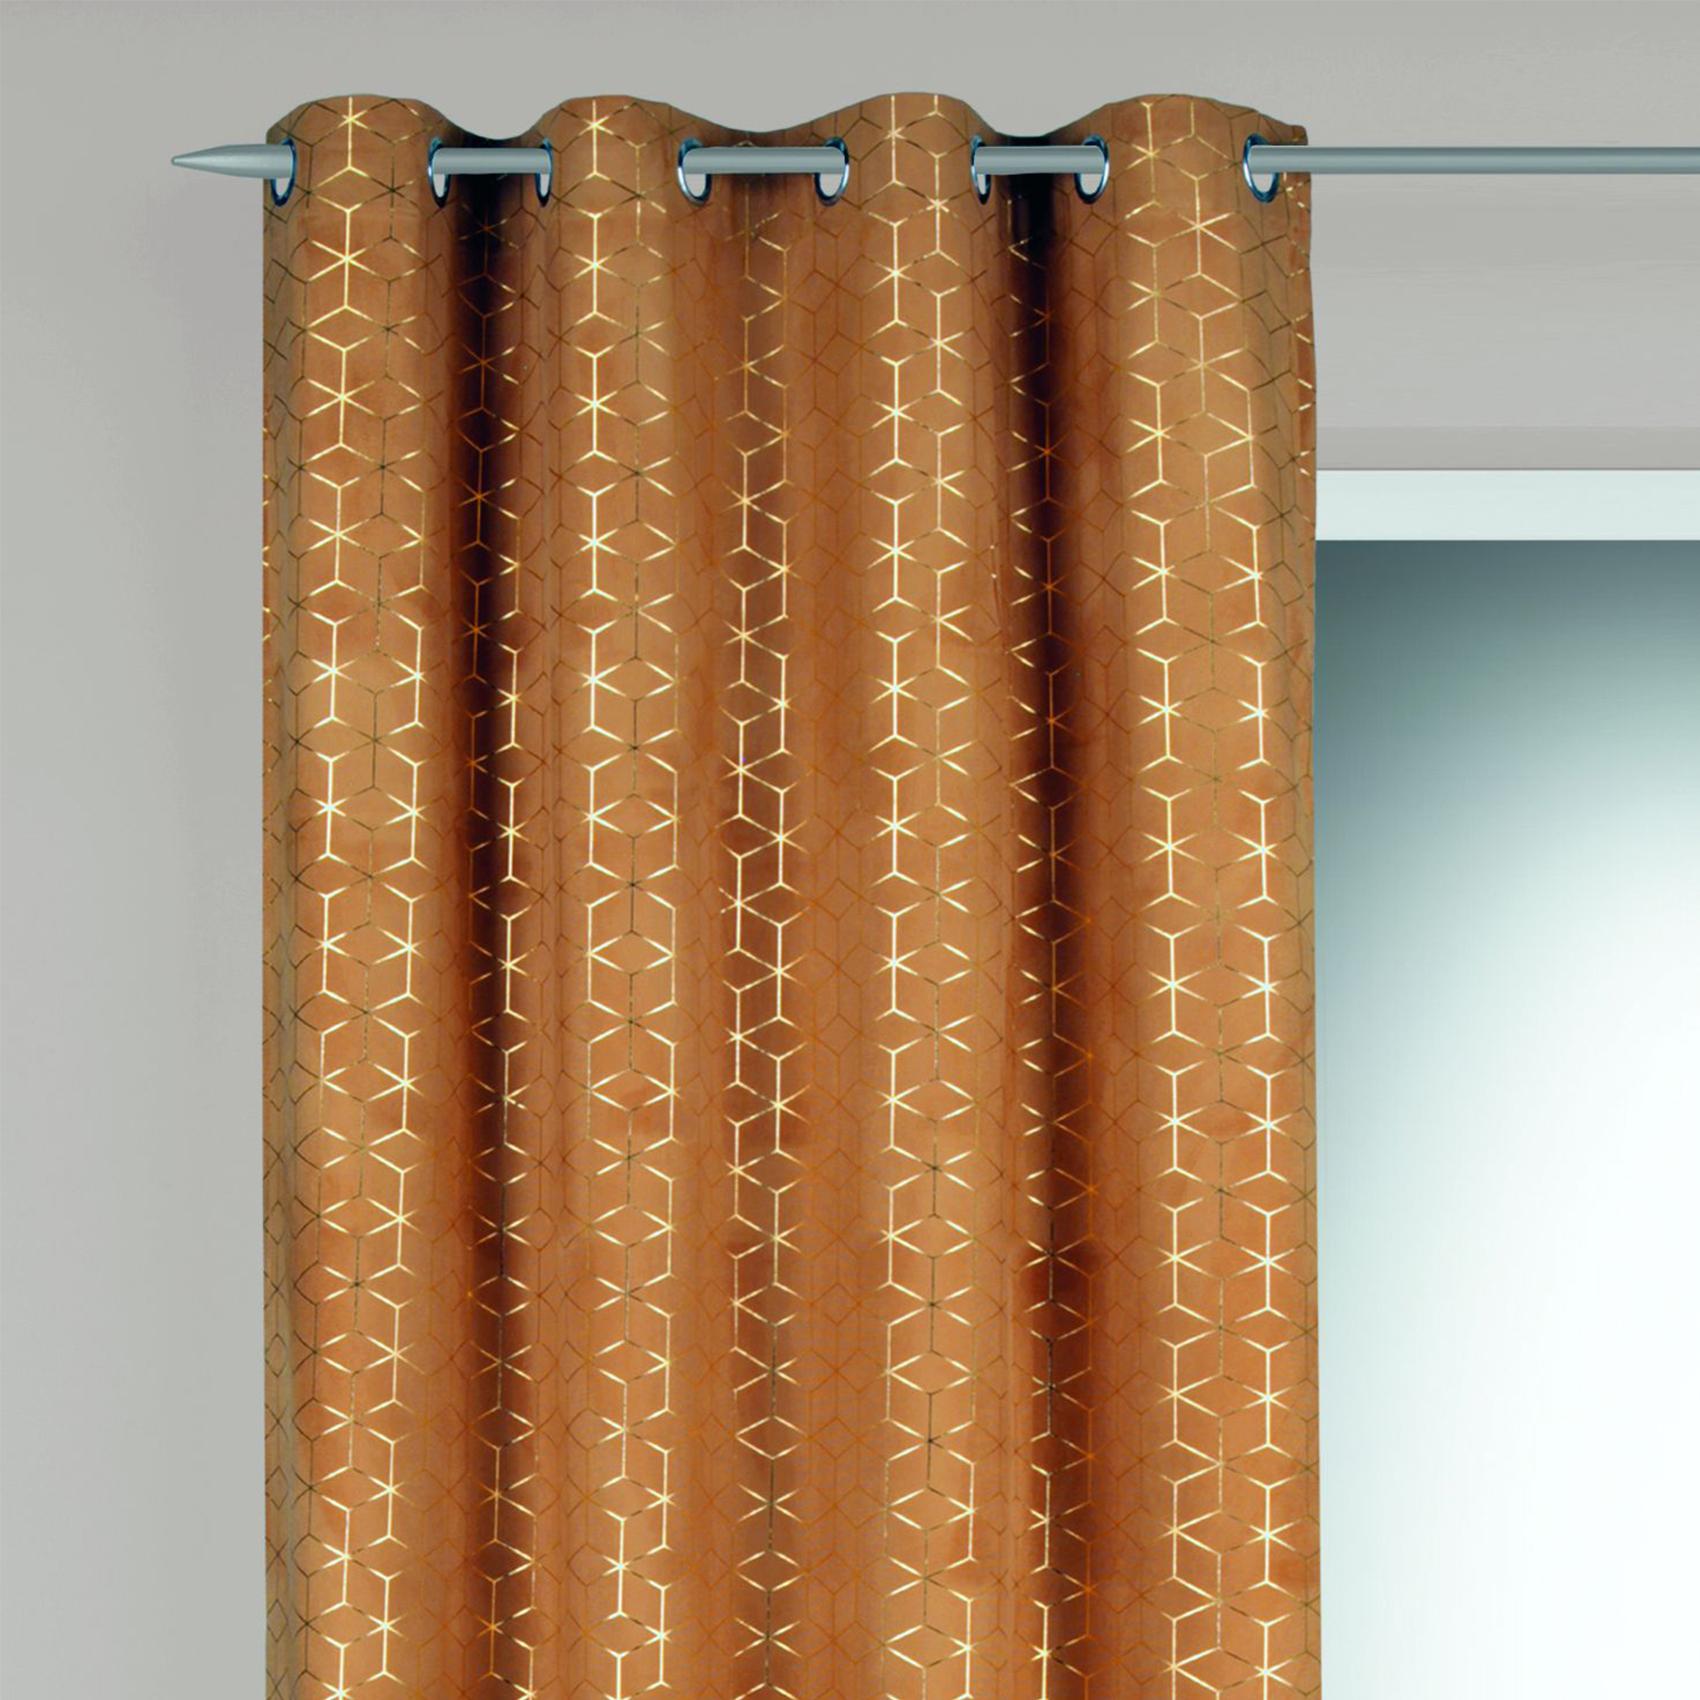 Rideau en velours motifs géométriques dorés polyester safran 245x135